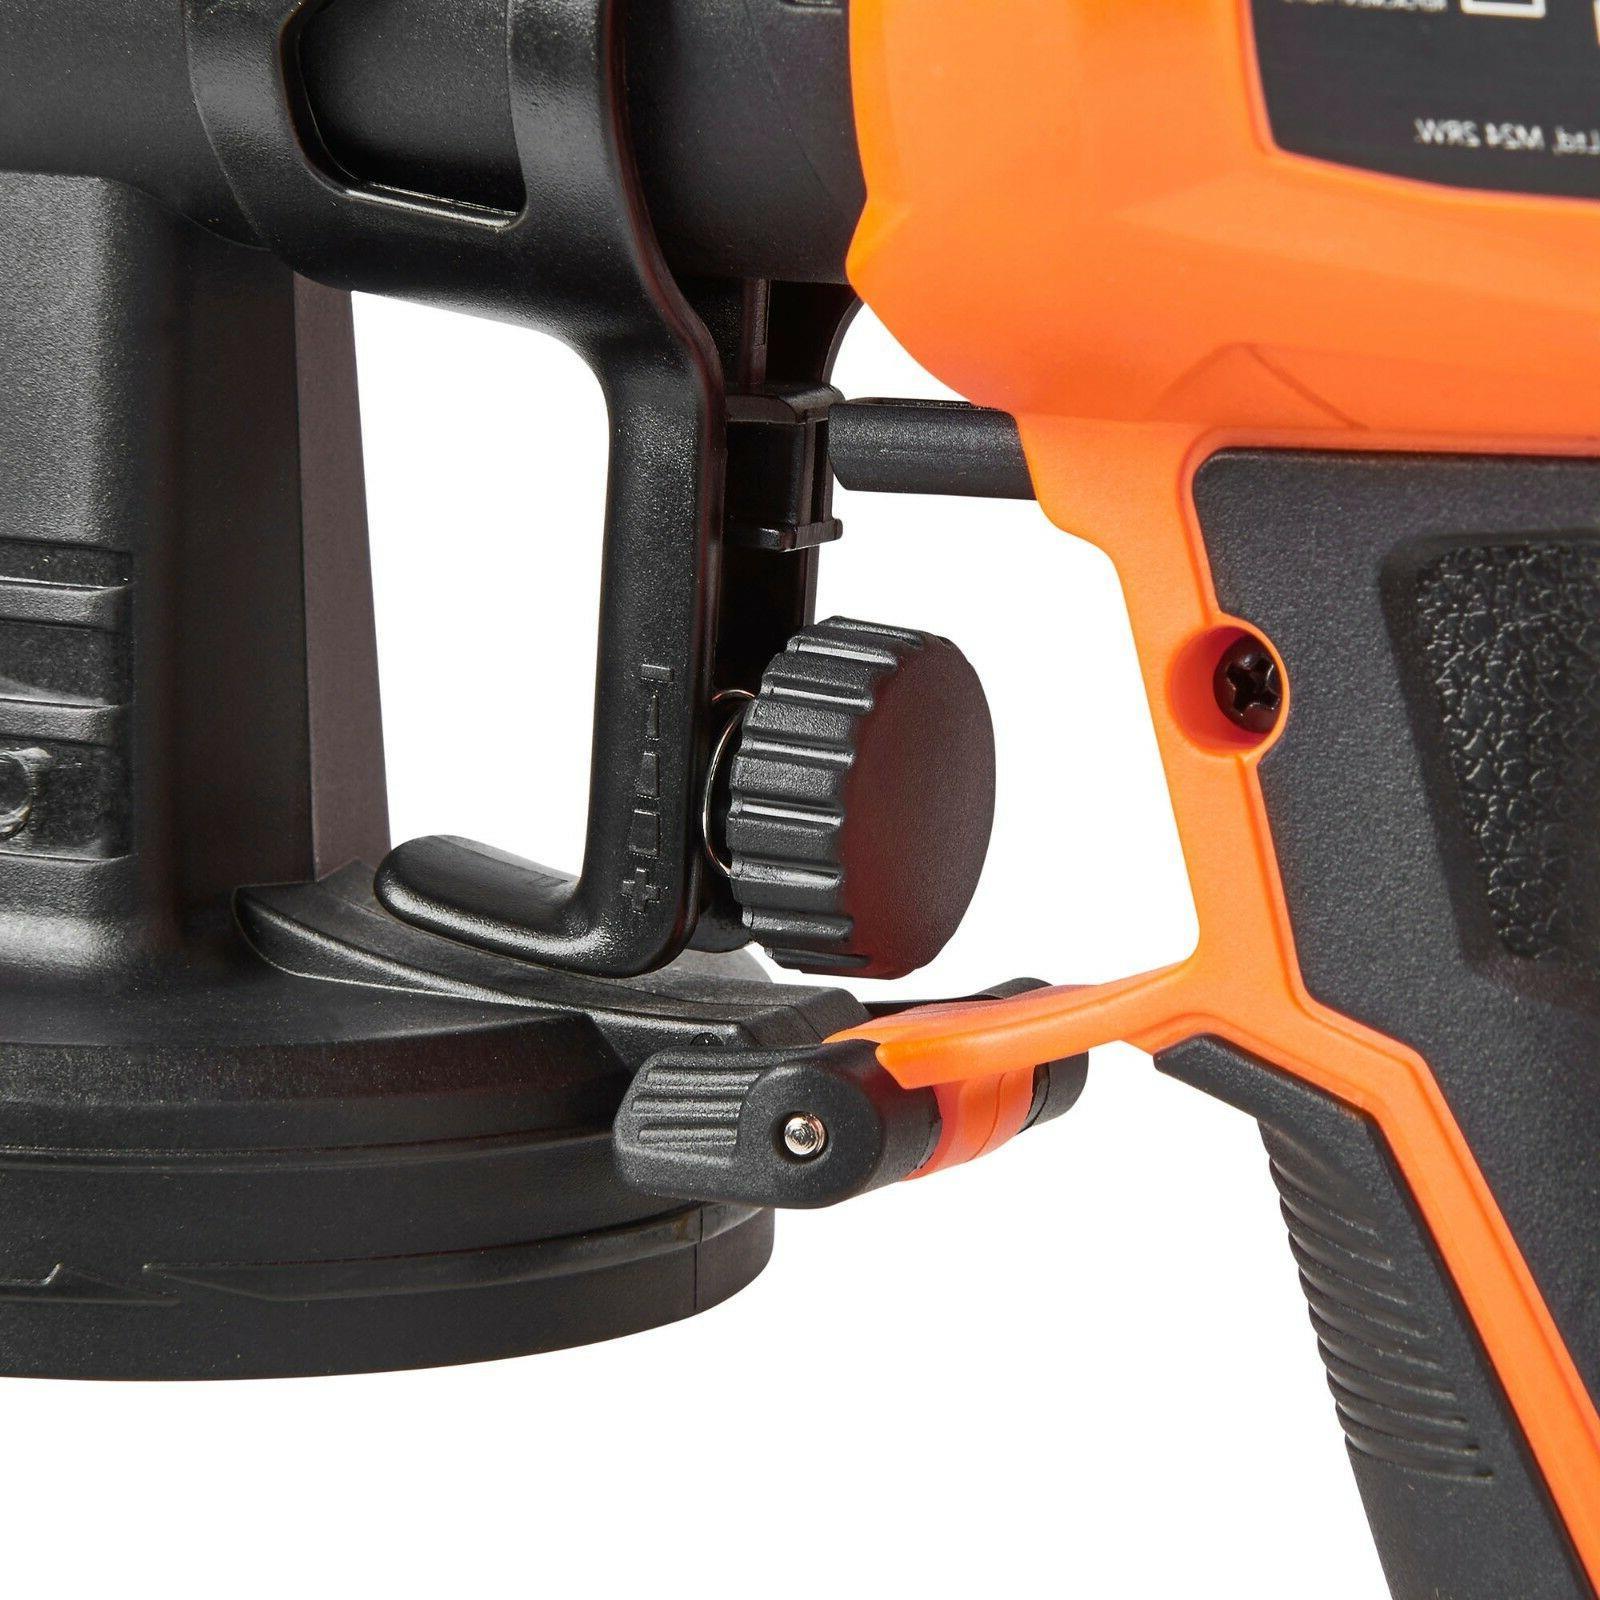 VonHaus Sprayer Gun & for Home